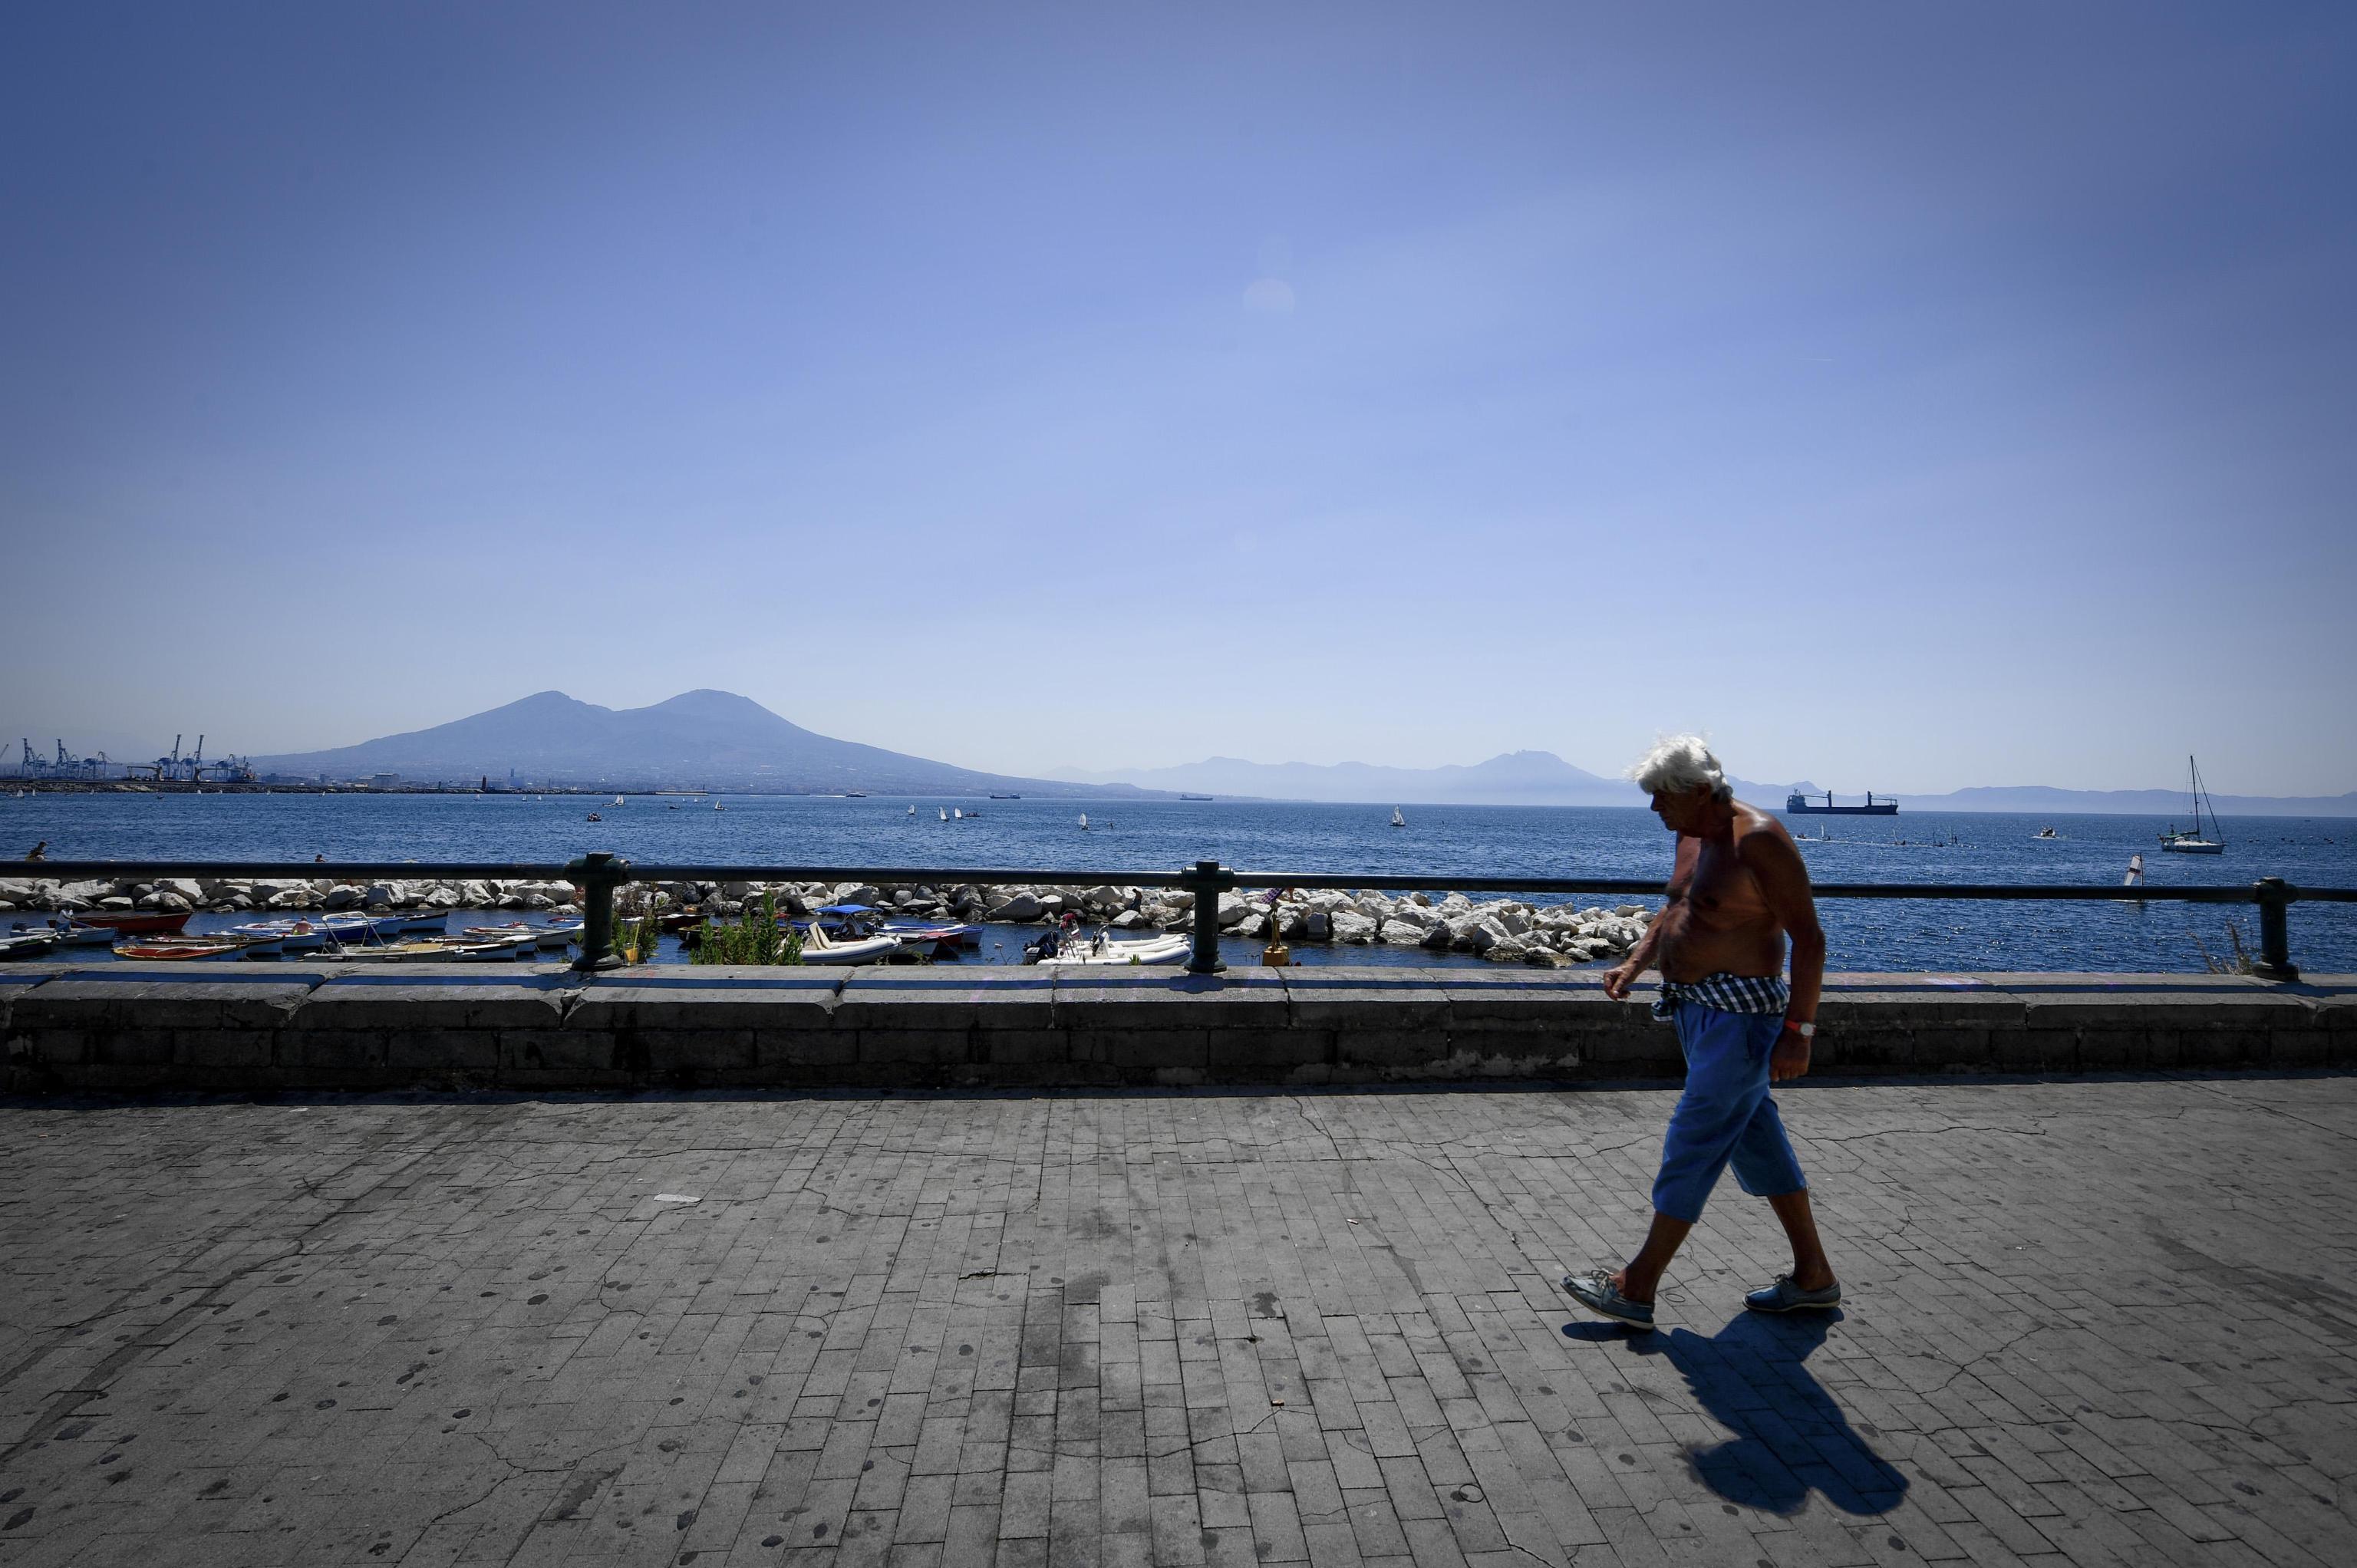 Le 10 città più pericolose al mondo: per il Sun c'è anche Napoli